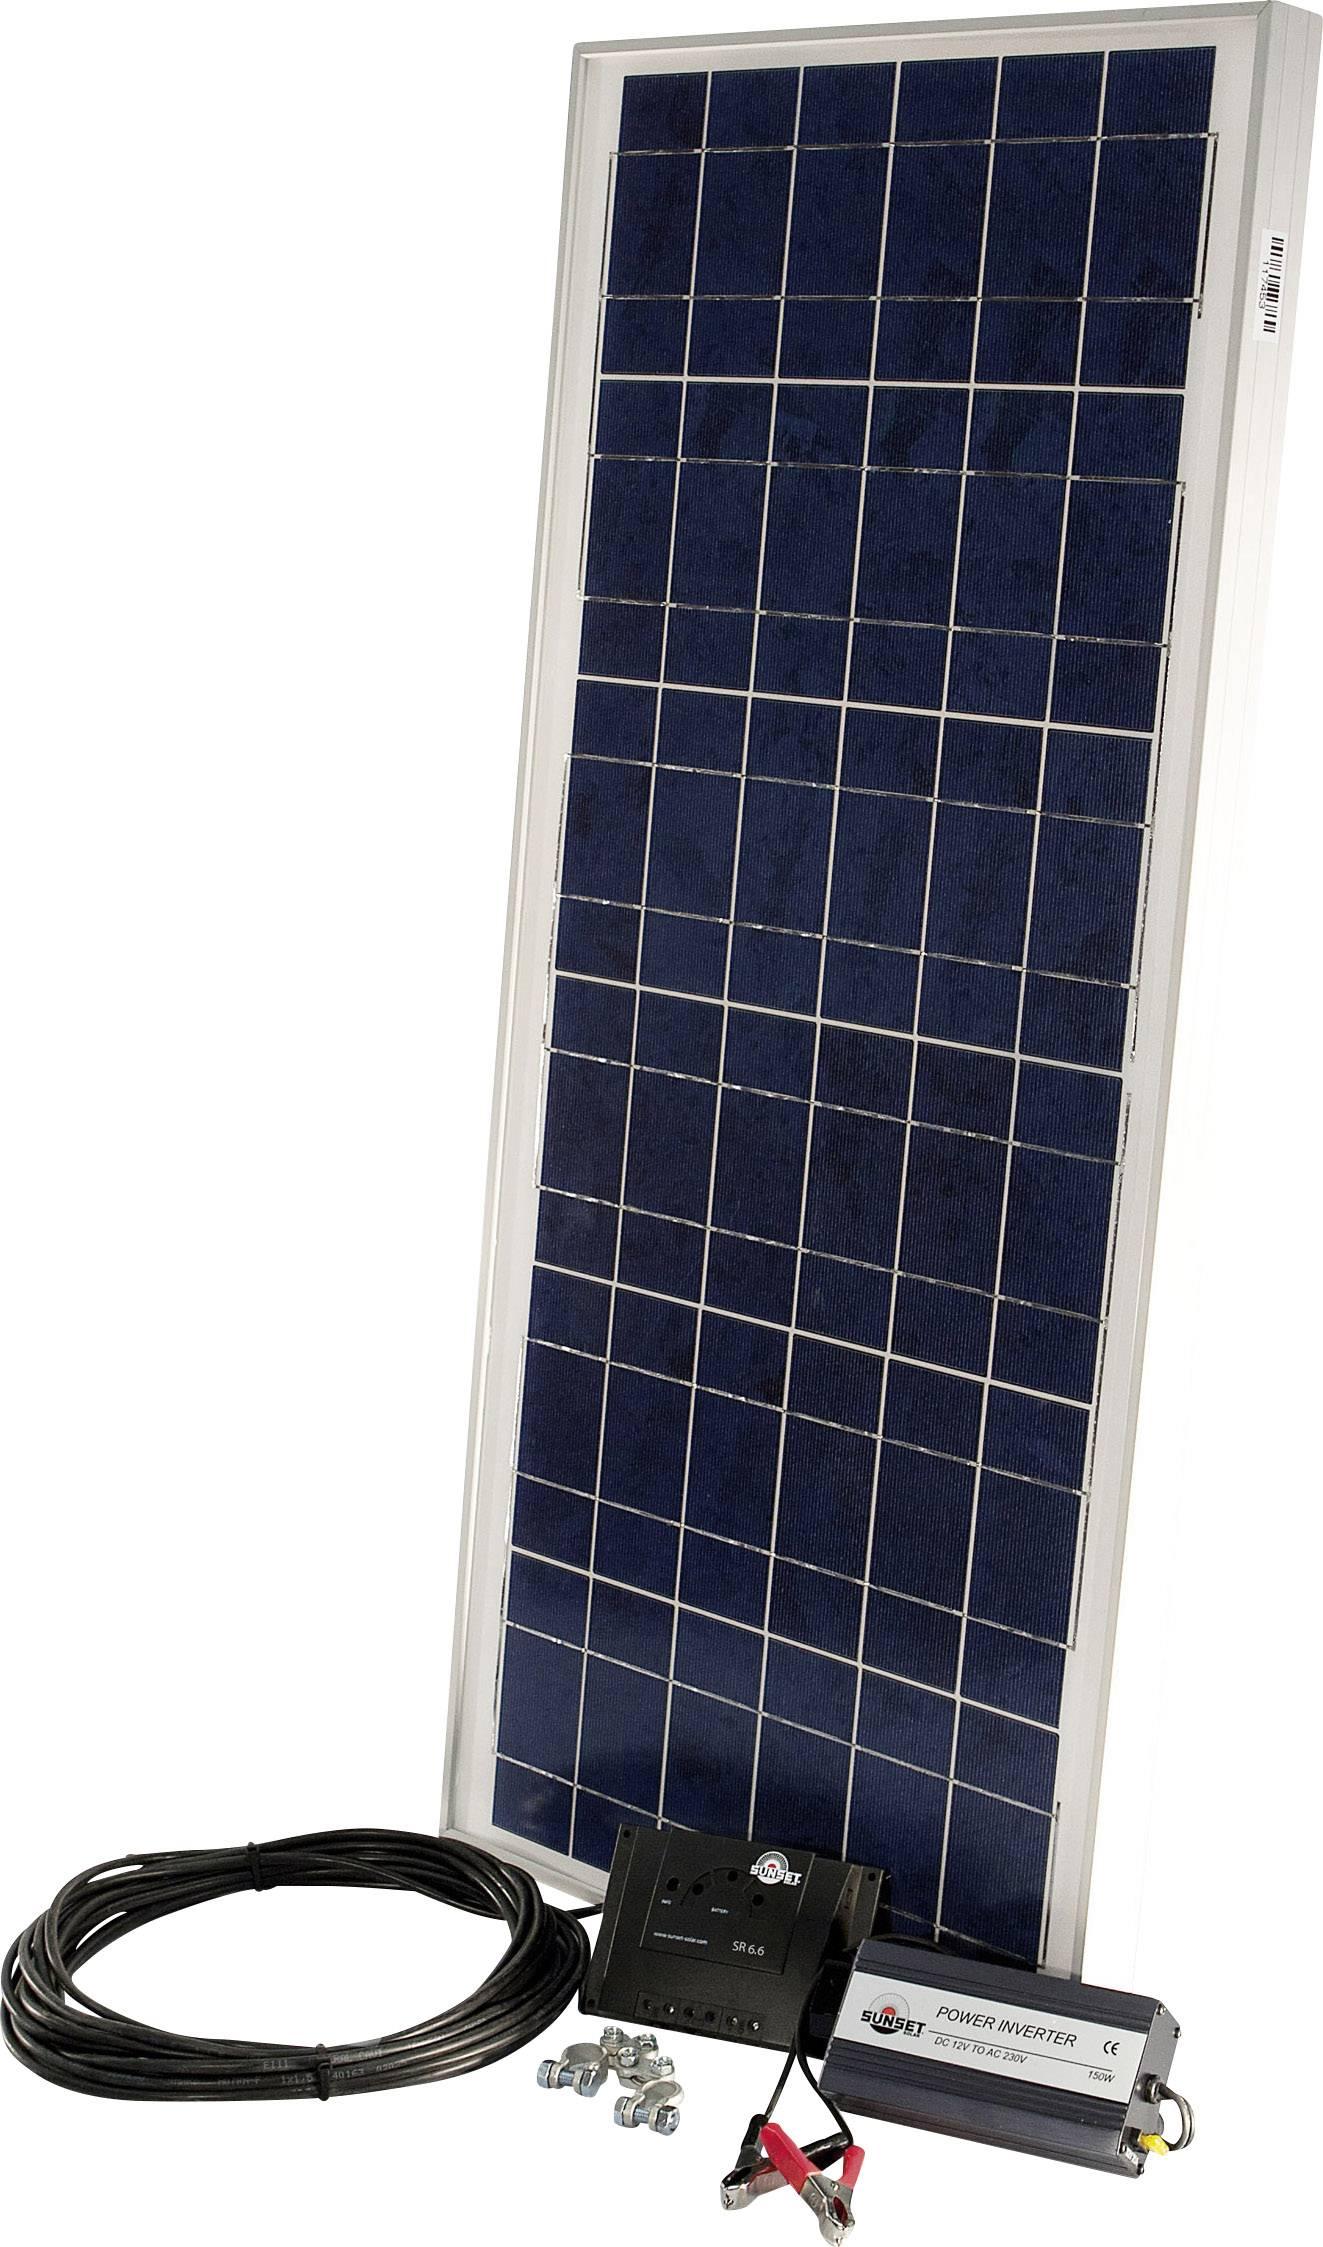 Solárna sada Sunset PX 55 110274, 55 Wp, vr. kábla, vr. nabíjacieho regulátora, vr. Meniča